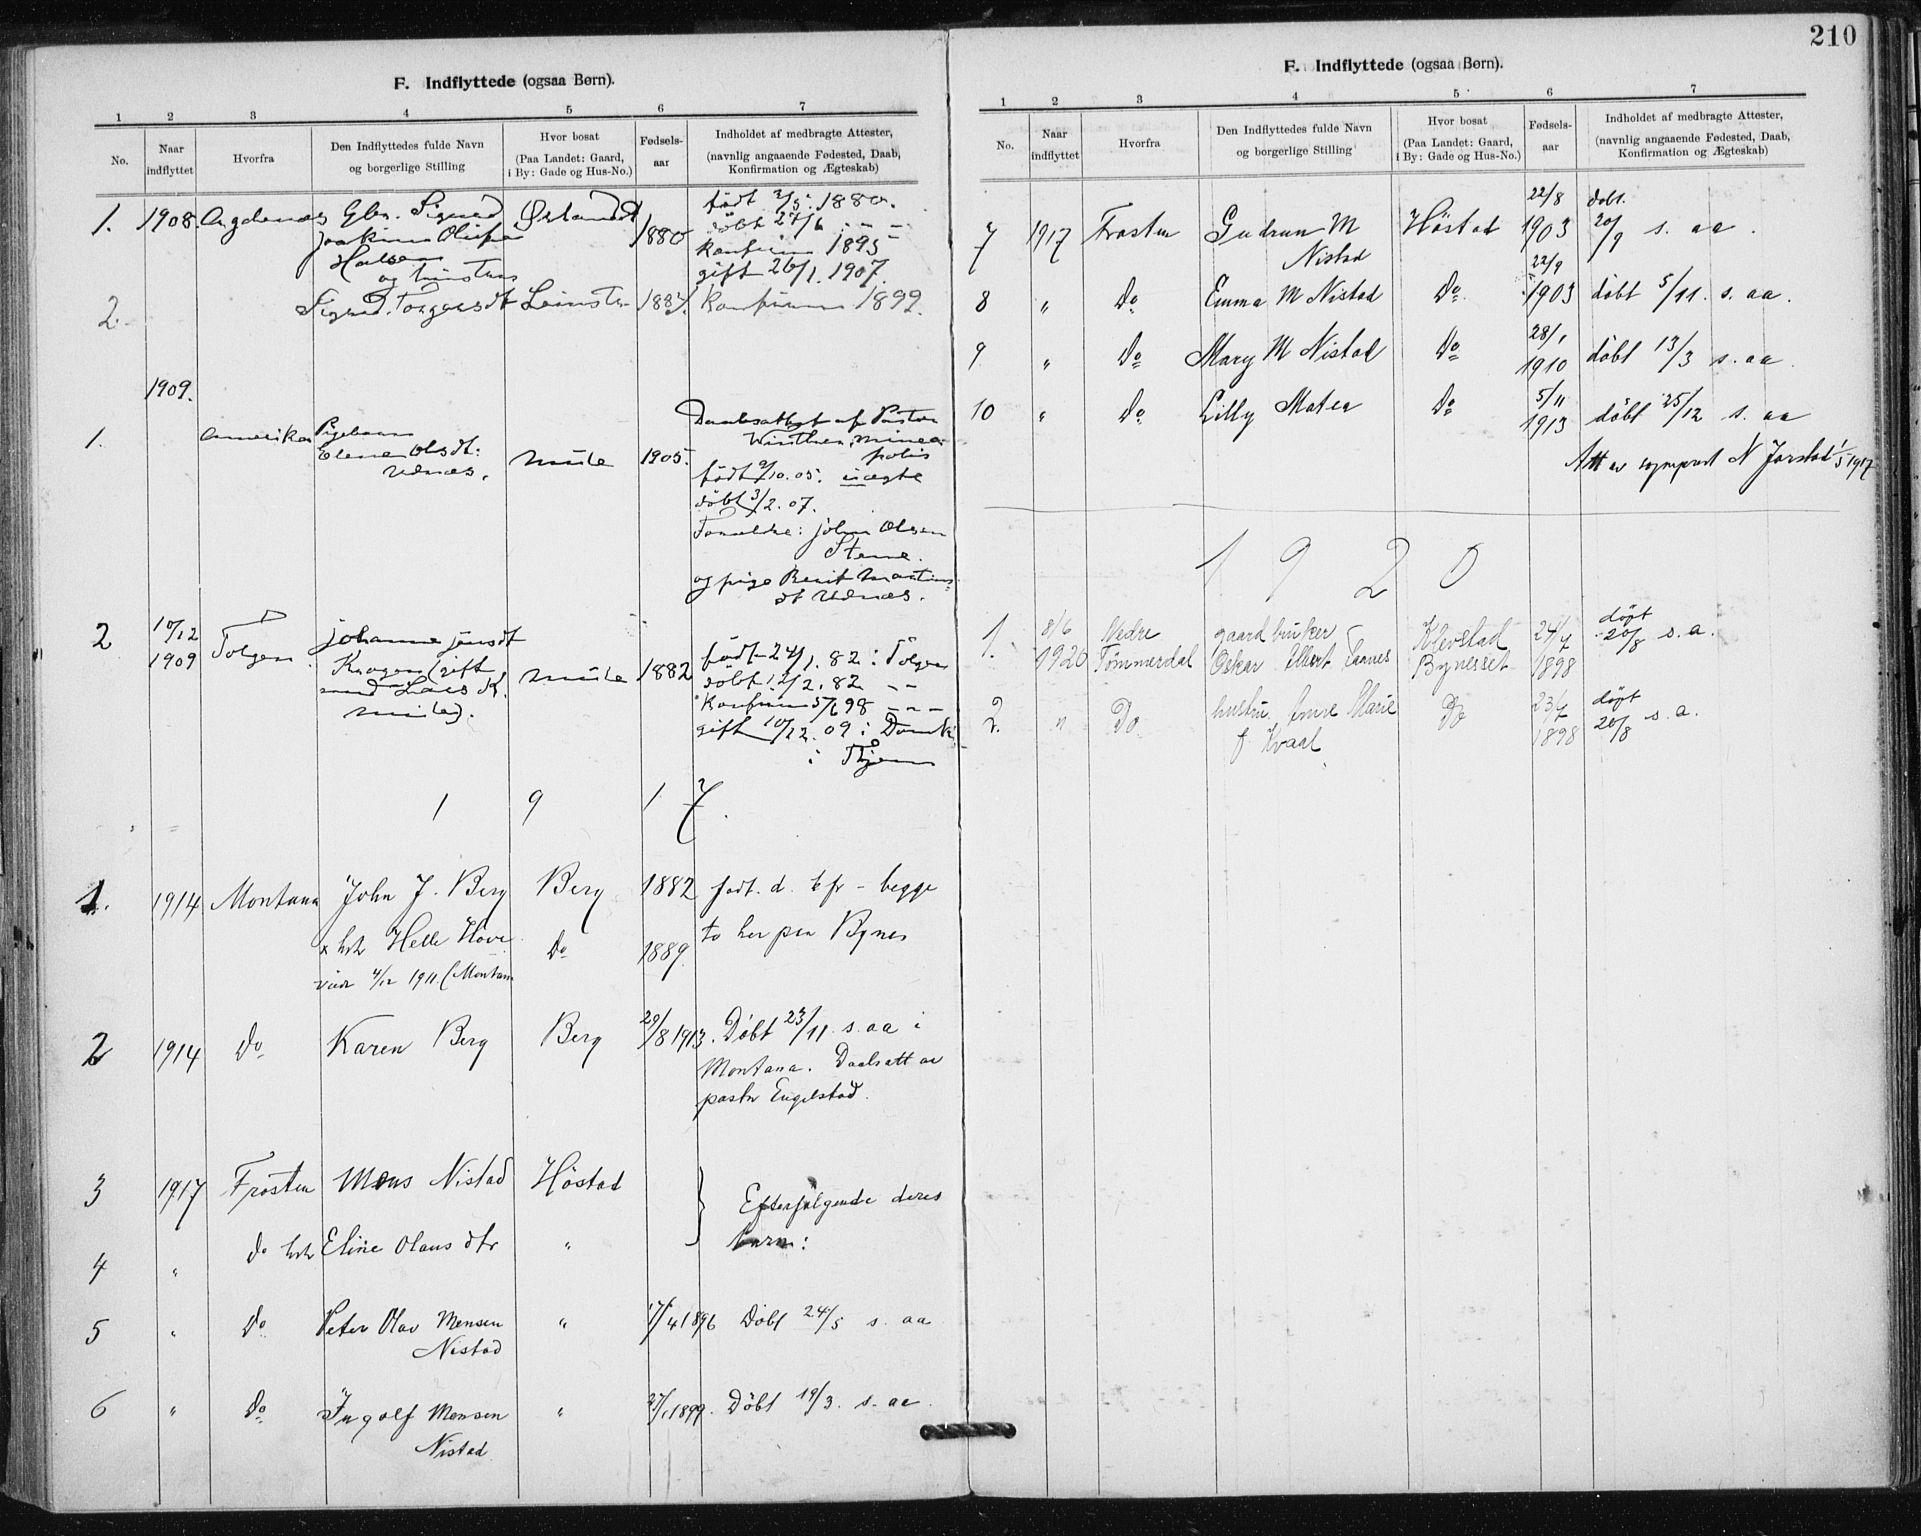 SAT, Ministerialprotokoller, klokkerbøker og fødselsregistre - Sør-Trøndelag, 612/L0381: Ministerialbok nr. 612A13, 1907-1923, s. 210